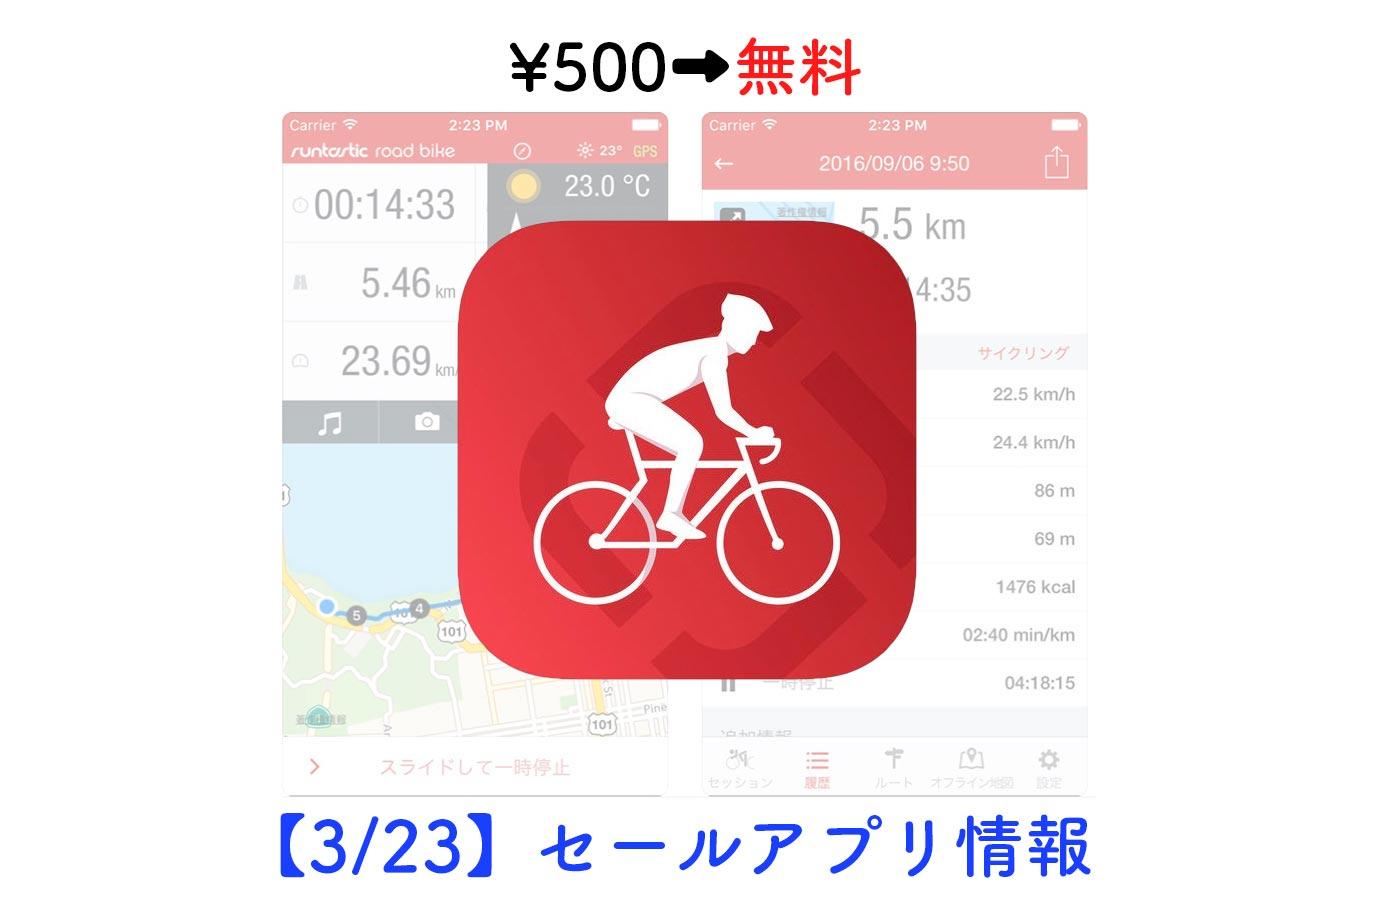 ¥500→無料、サイクリングサポートアプリ「Runtastic ロードバイク記録サイコンアプリ」など【3/23】セールアプリ情報